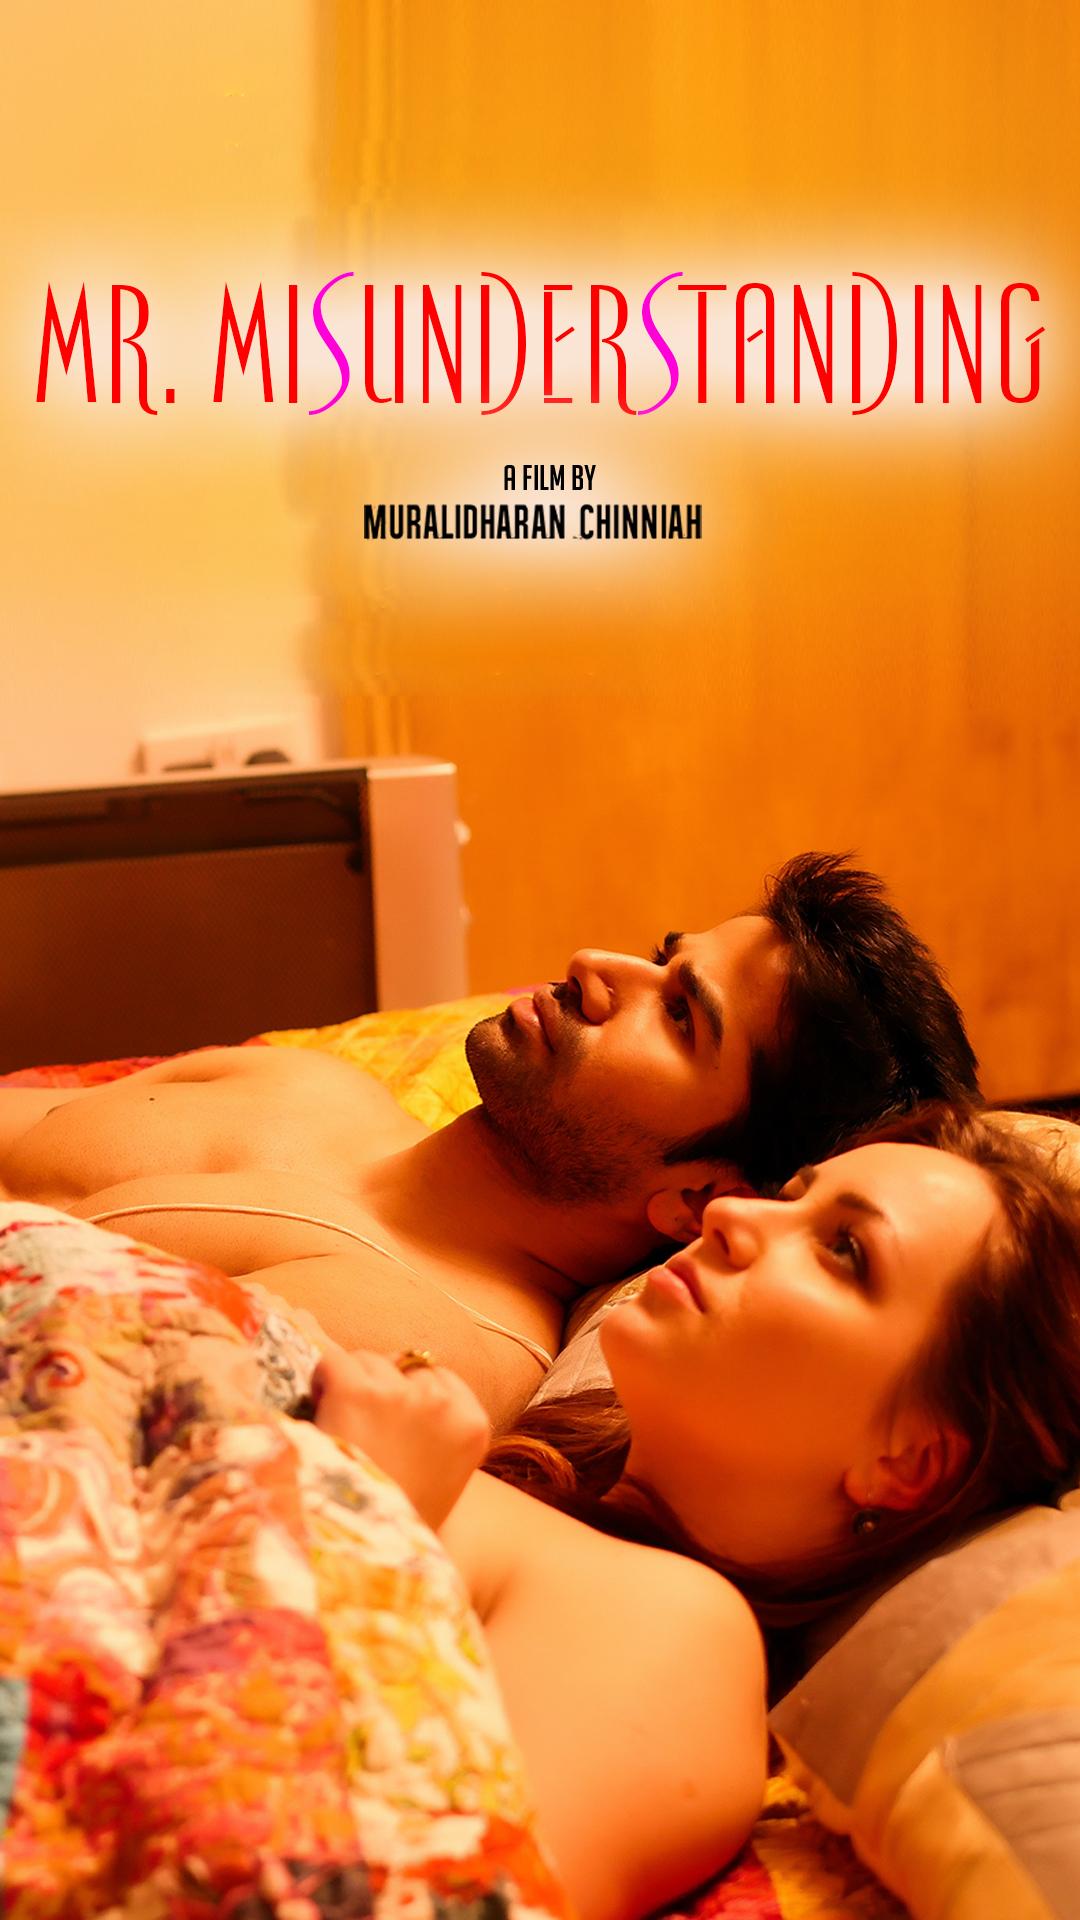 Watch Movie Mr. Misunderstanding